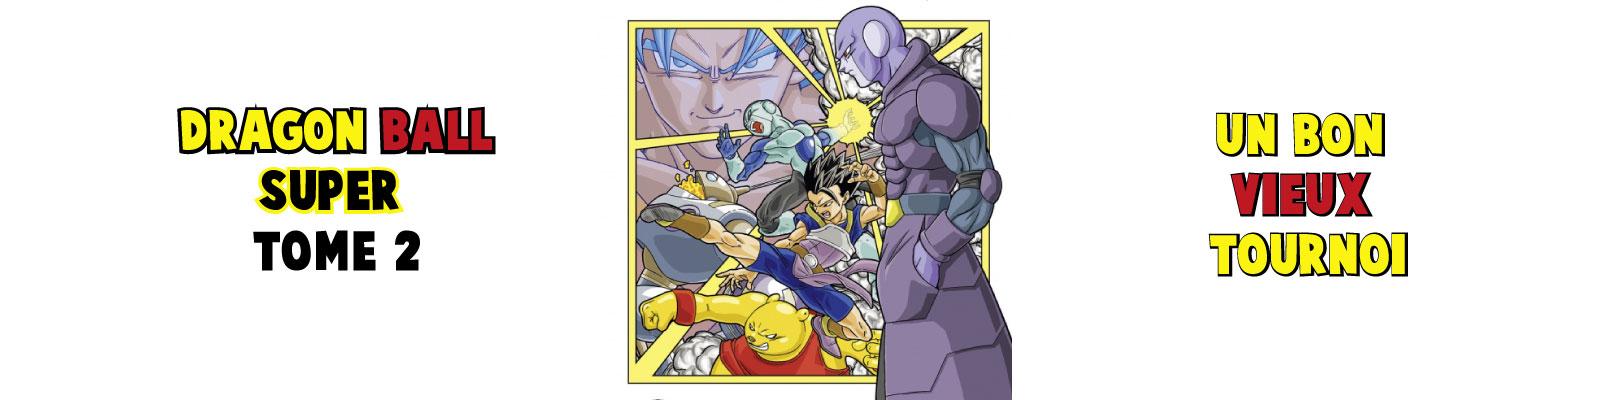 Dragon-Ball-Super-Tome-2